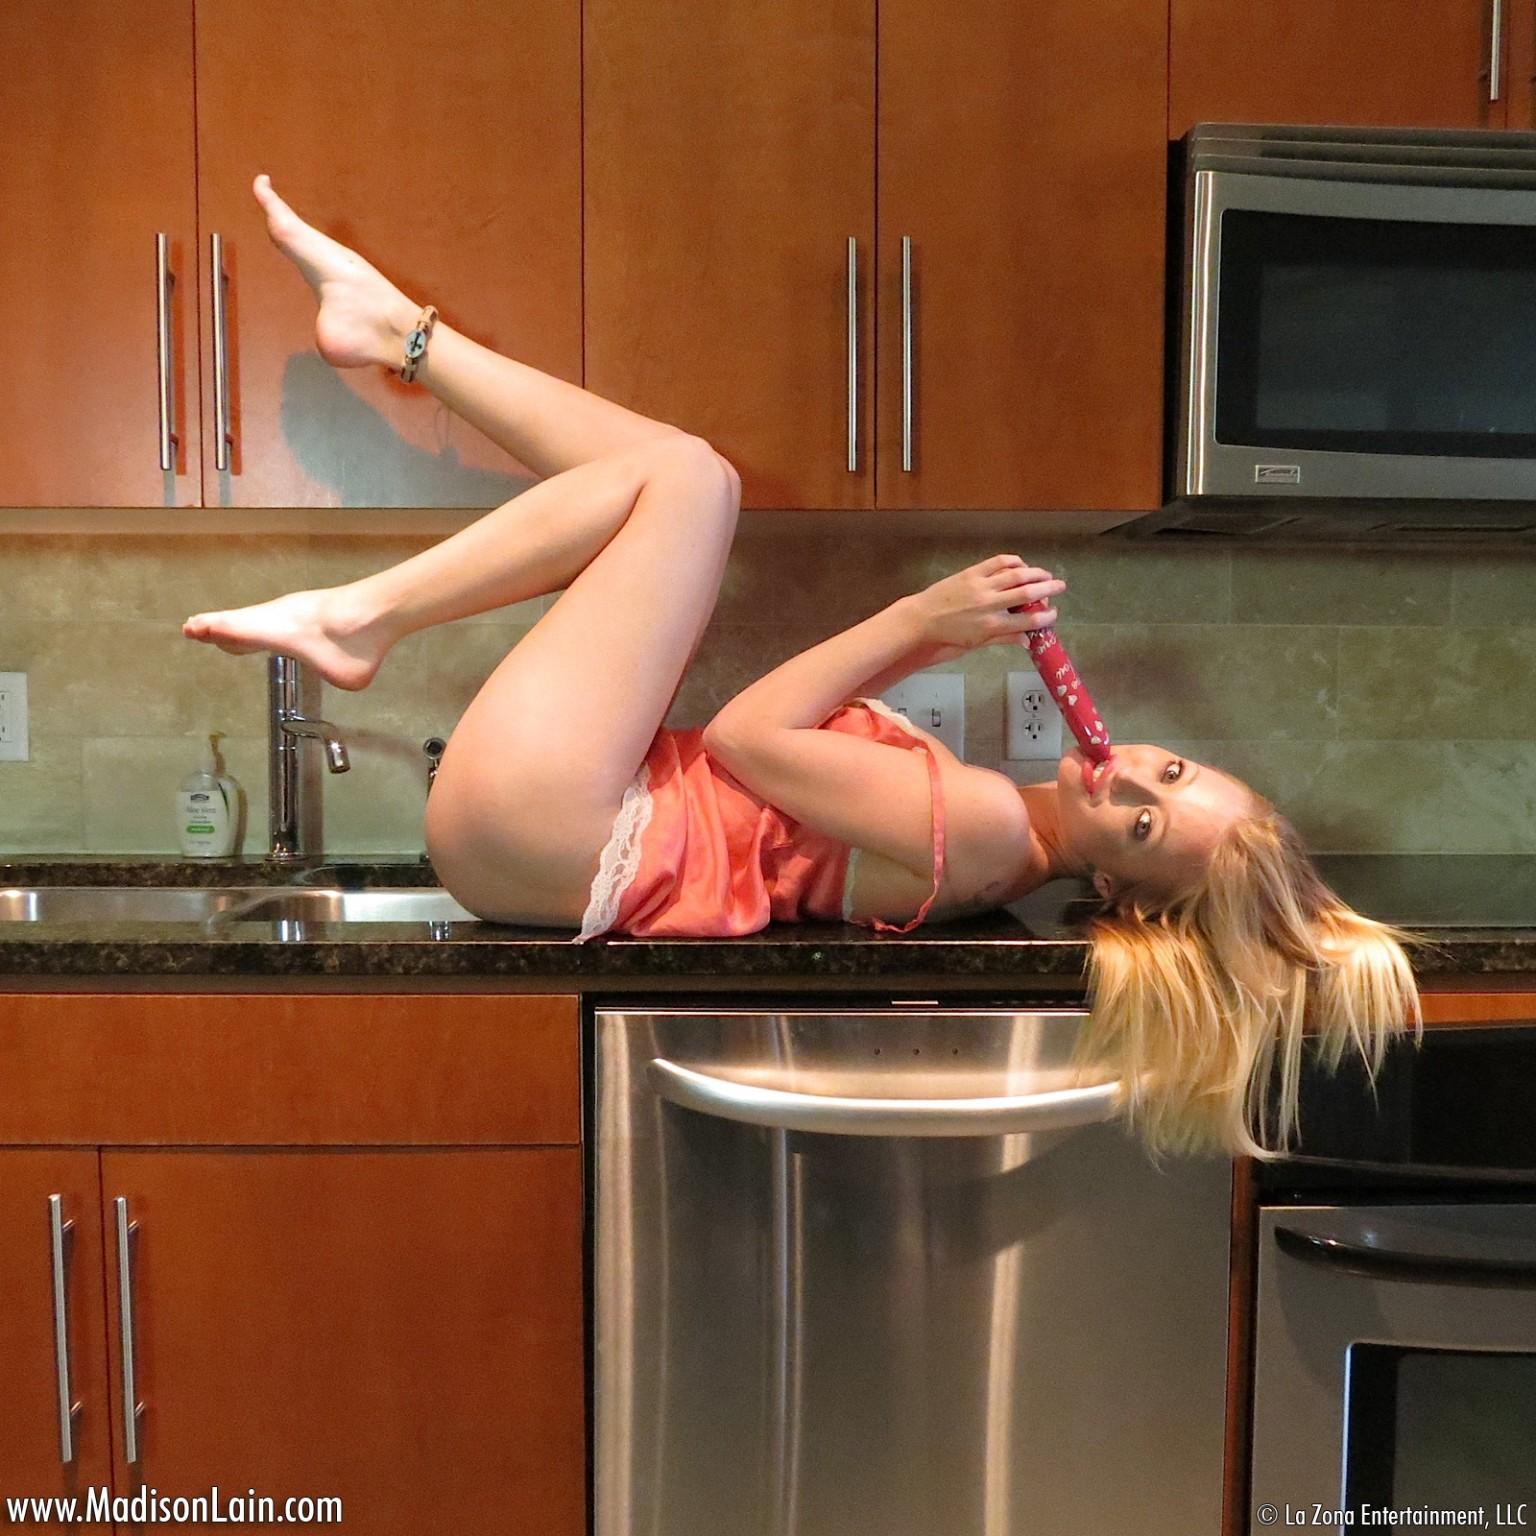 Стройная шалавка Madison Lain дрочит киску на кухне